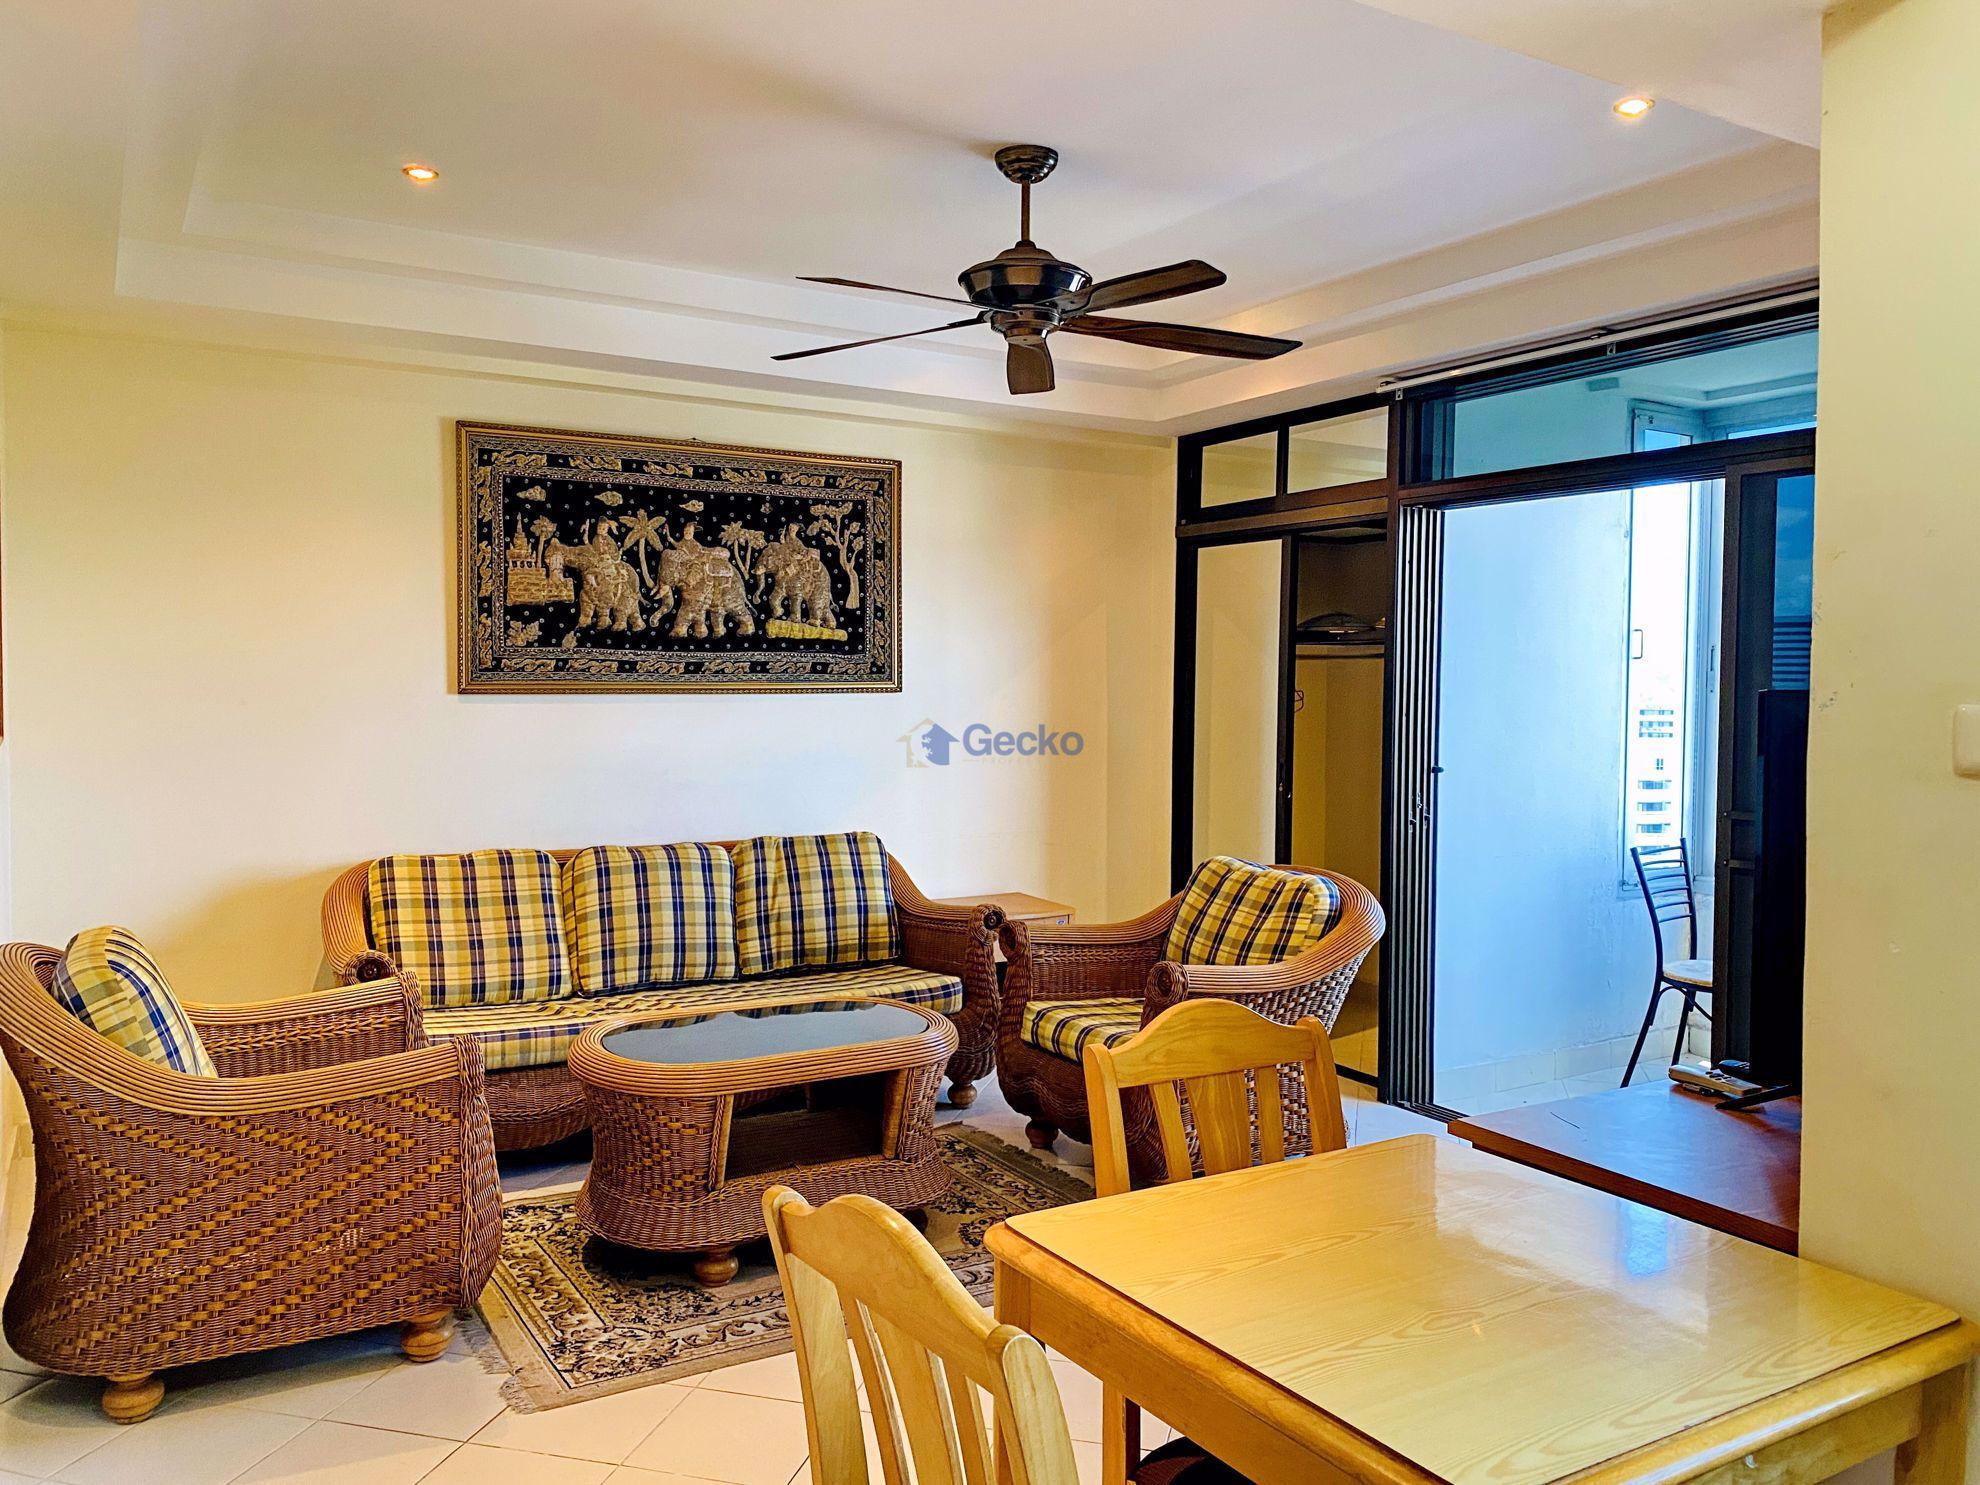 รูปภาพ 1  Bedroom bed in Condo in Center Condotel in South Pattaya C009250